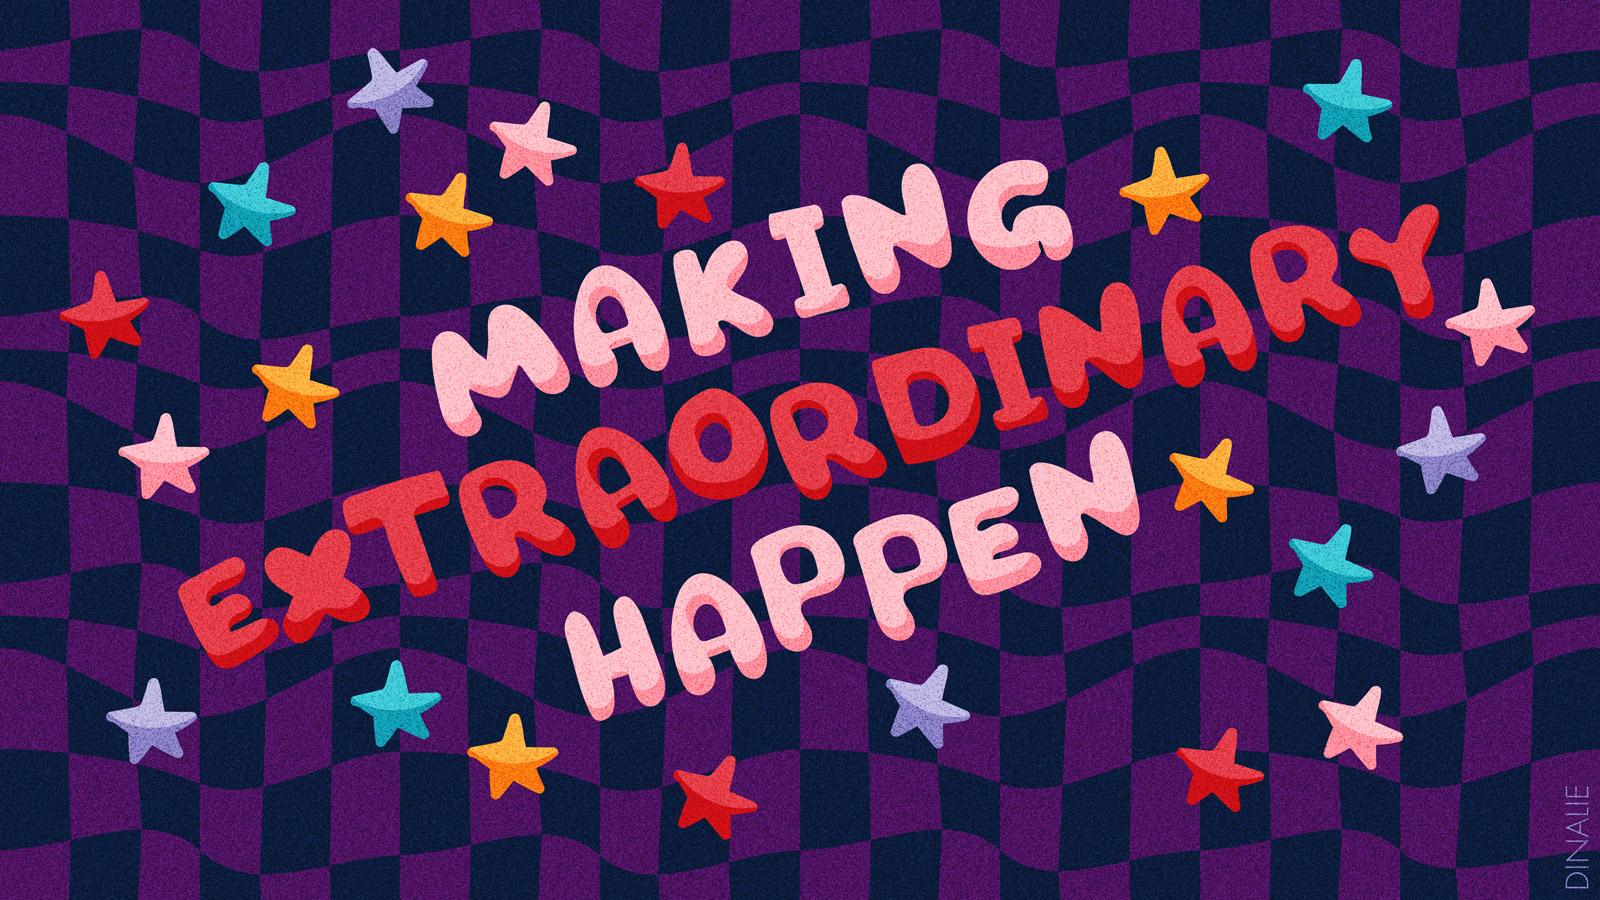 INK-EmbeddingInclusion-Storyboard-09.jpg